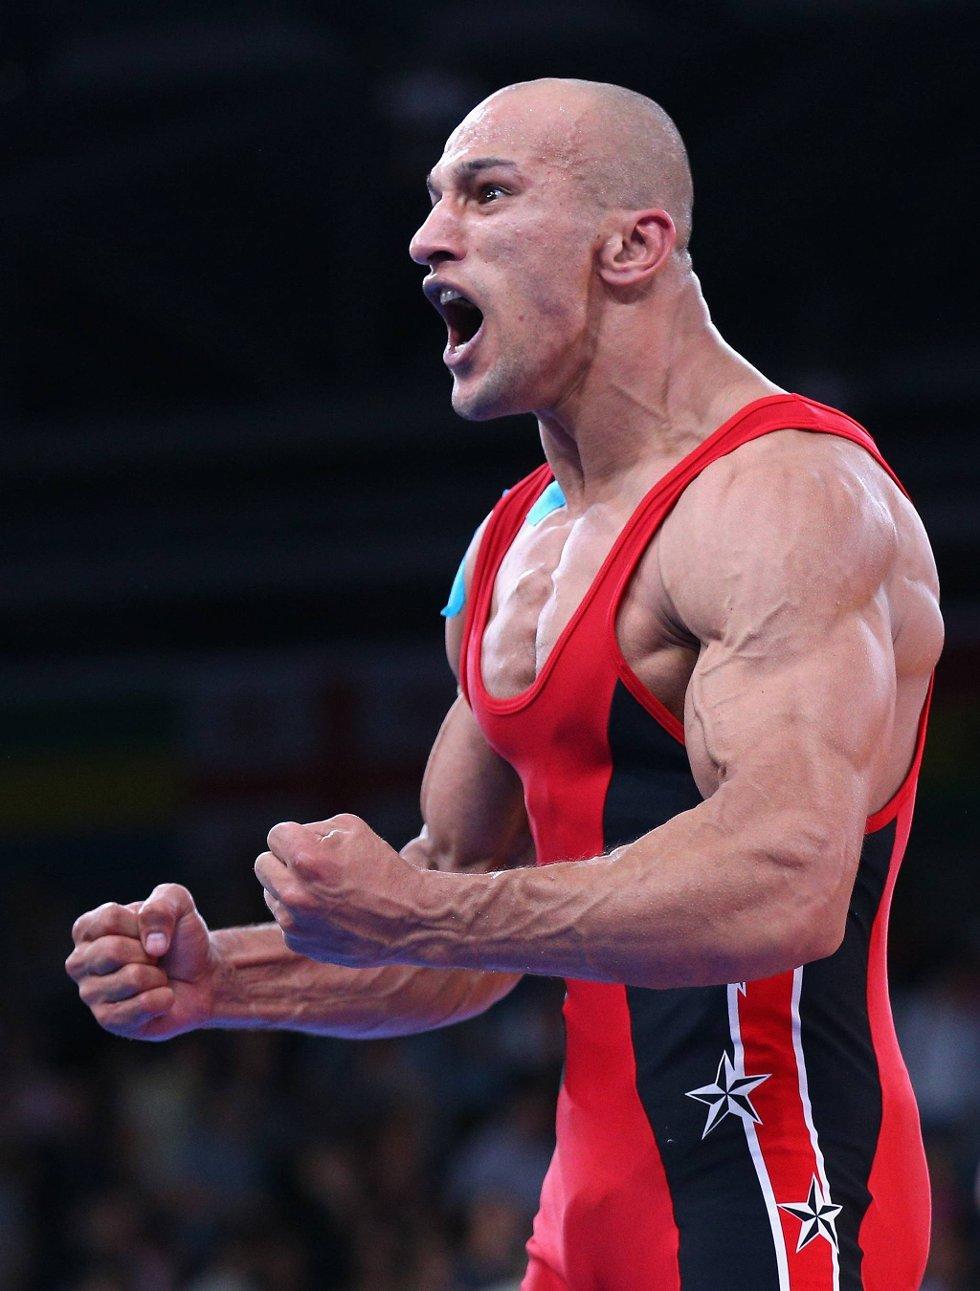 Ikke muskelløs, men muskuløs. Egypteren Karam Mohamed Gaber er rett og slett en råtass, og tok da også gullet i gresk-romersk bryting klassen 84 kilo. (Foto: Cameron Spencer, Getty Images/All Over Press/ANB)